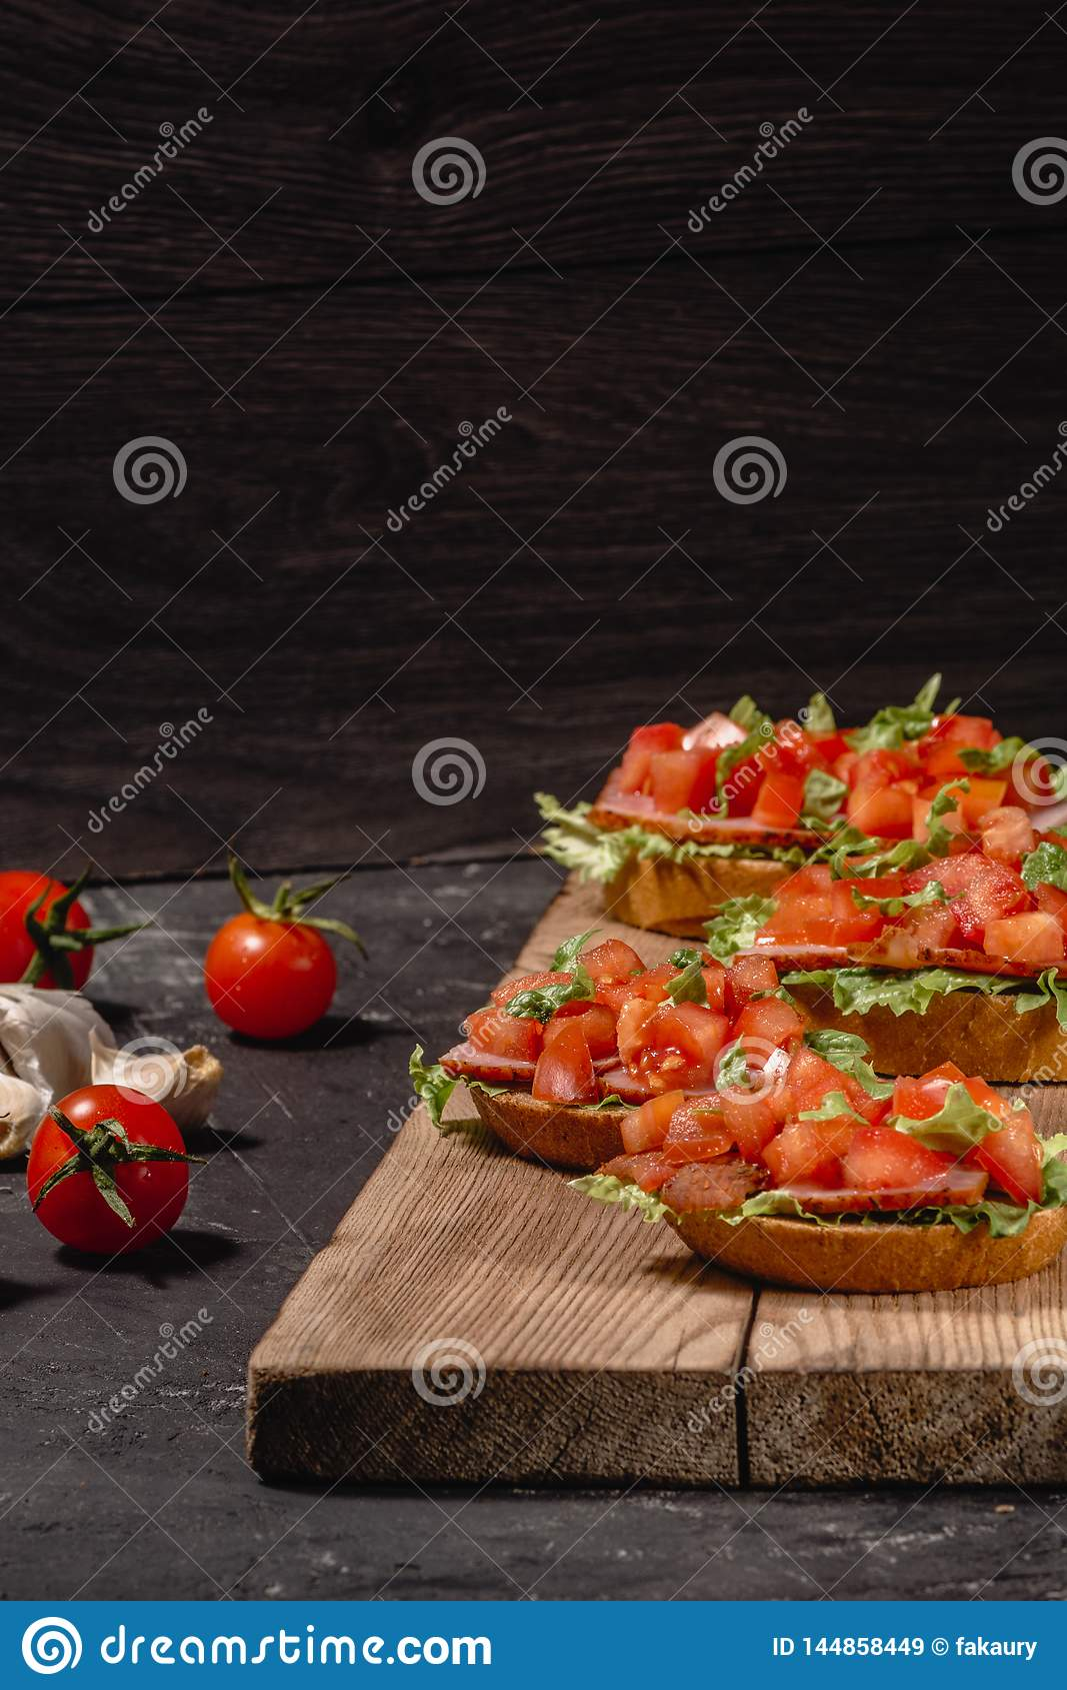 Gli aperitivi italiani del pomodoro saporito saporito, o la Bruschetta, sulle fette di baguette tostate guarnite con le foglie de